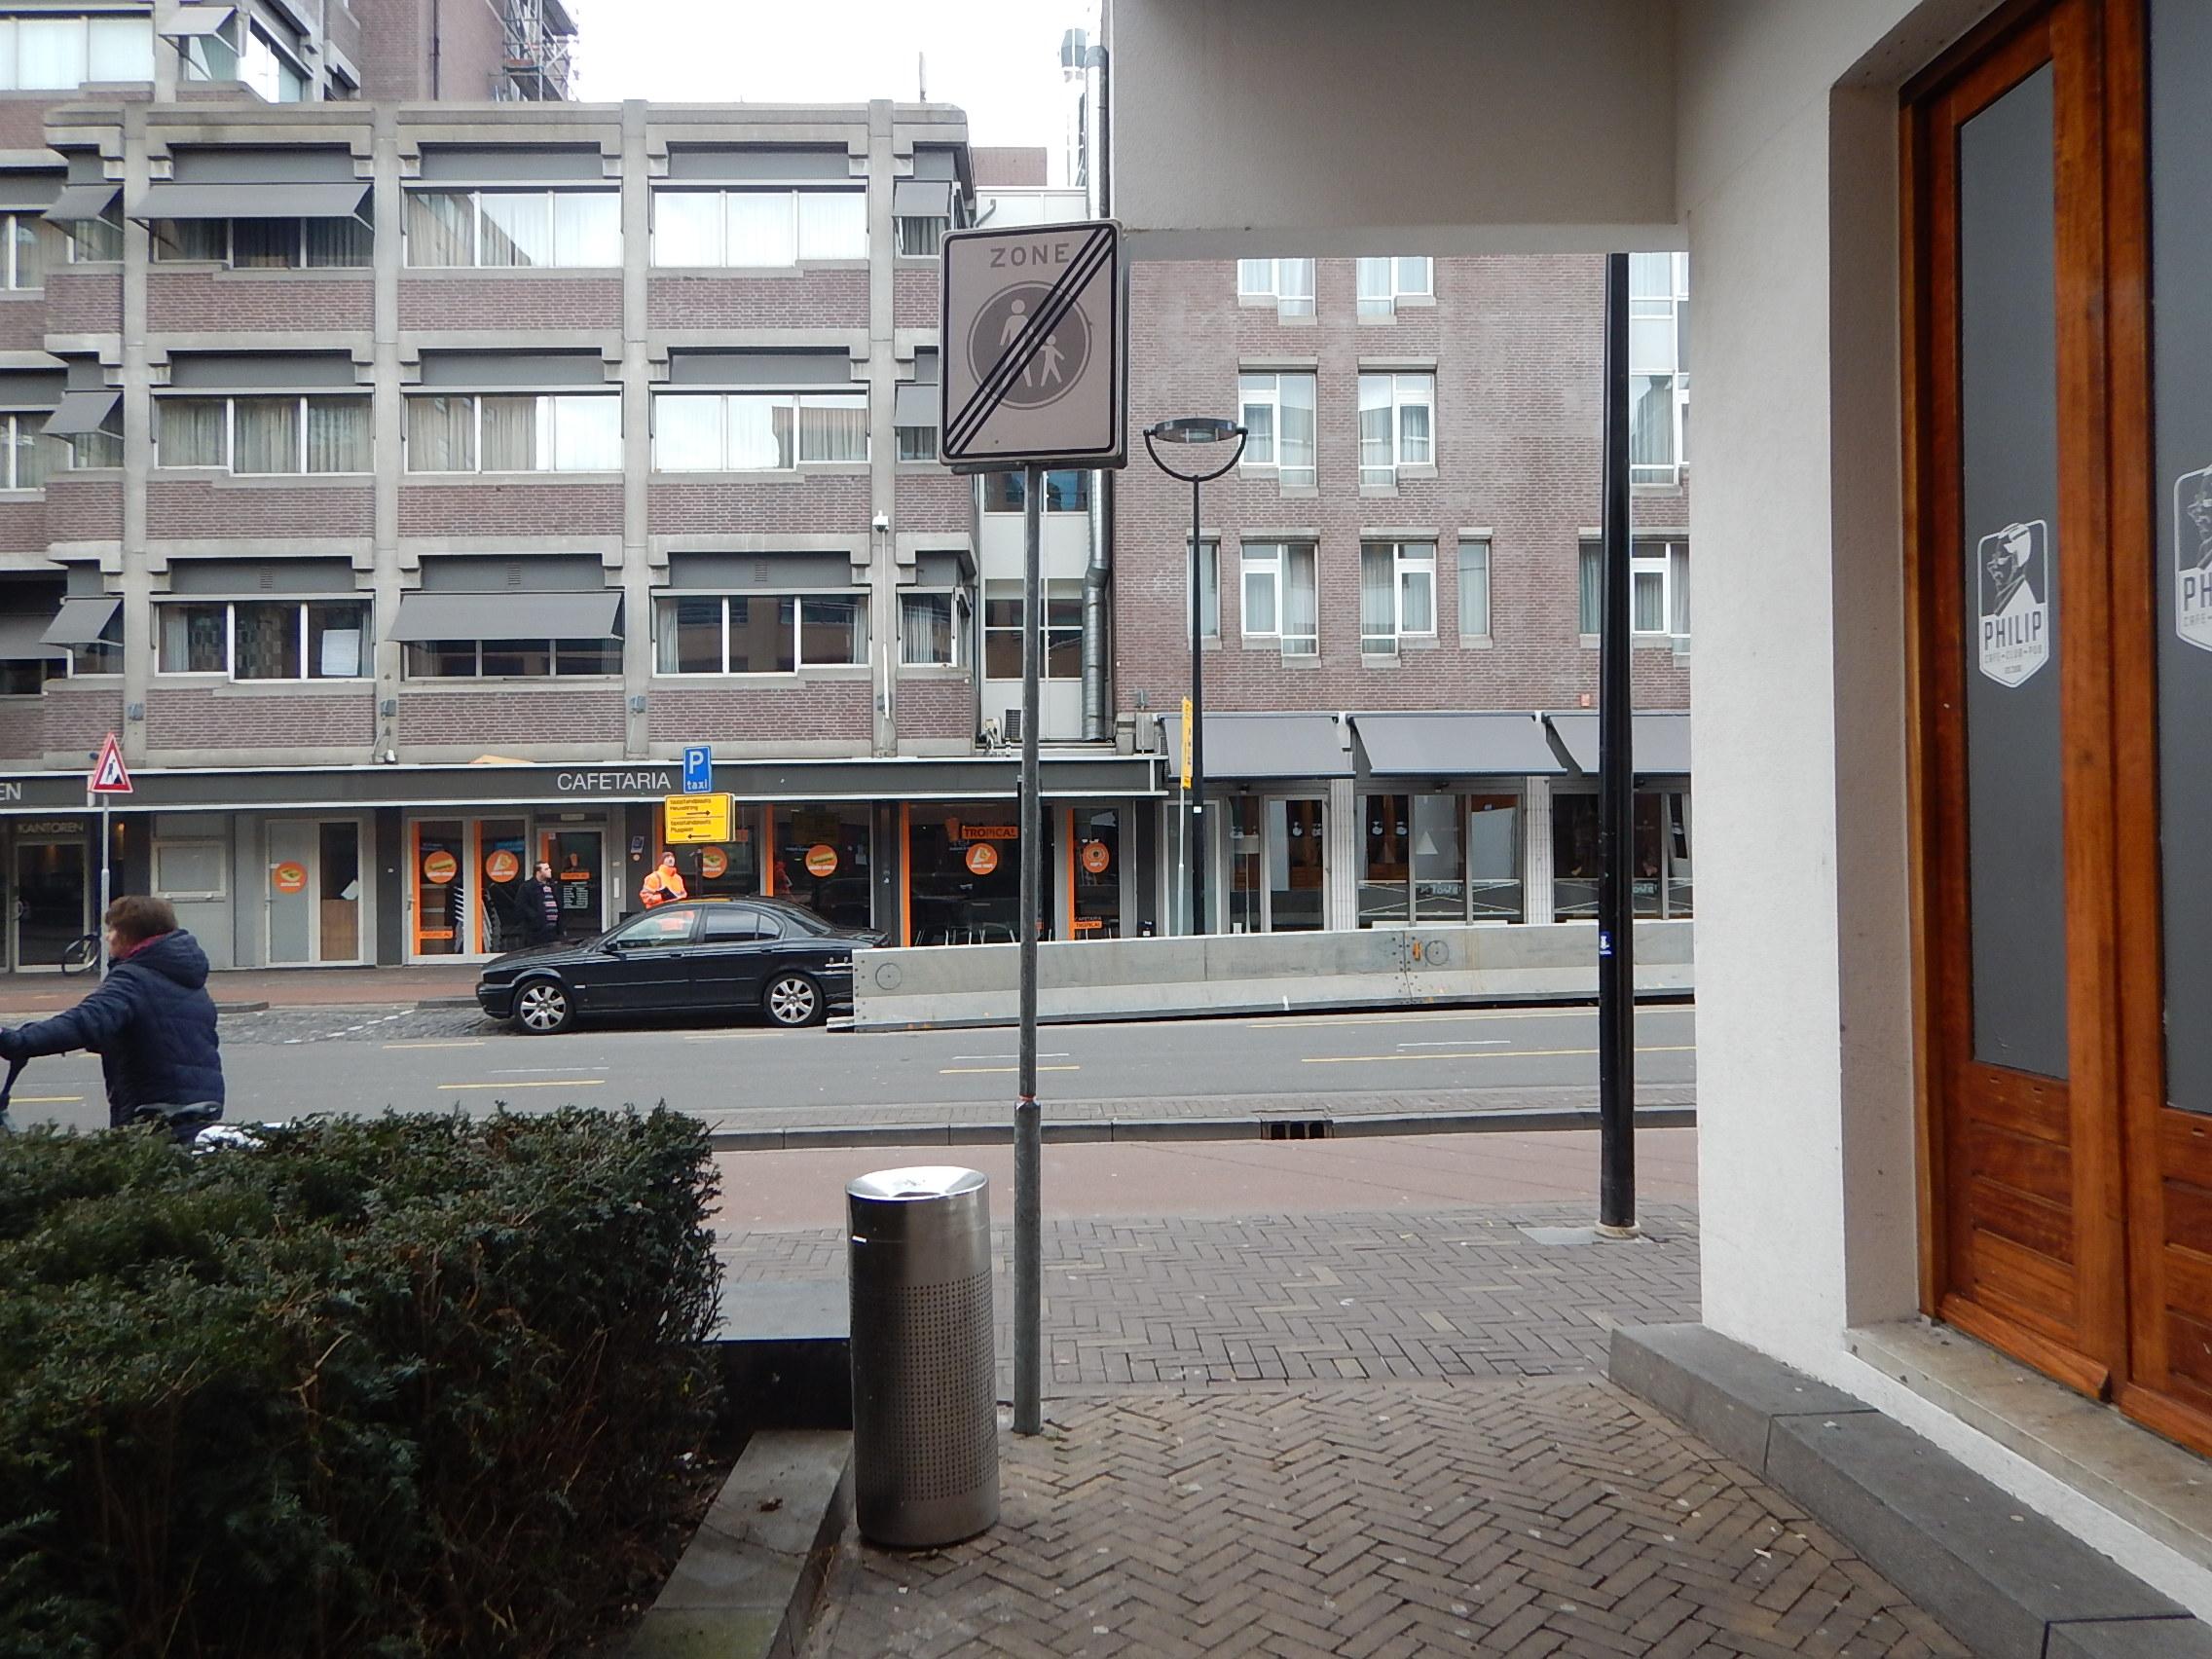 Overbodige borden saneren in Tilburg